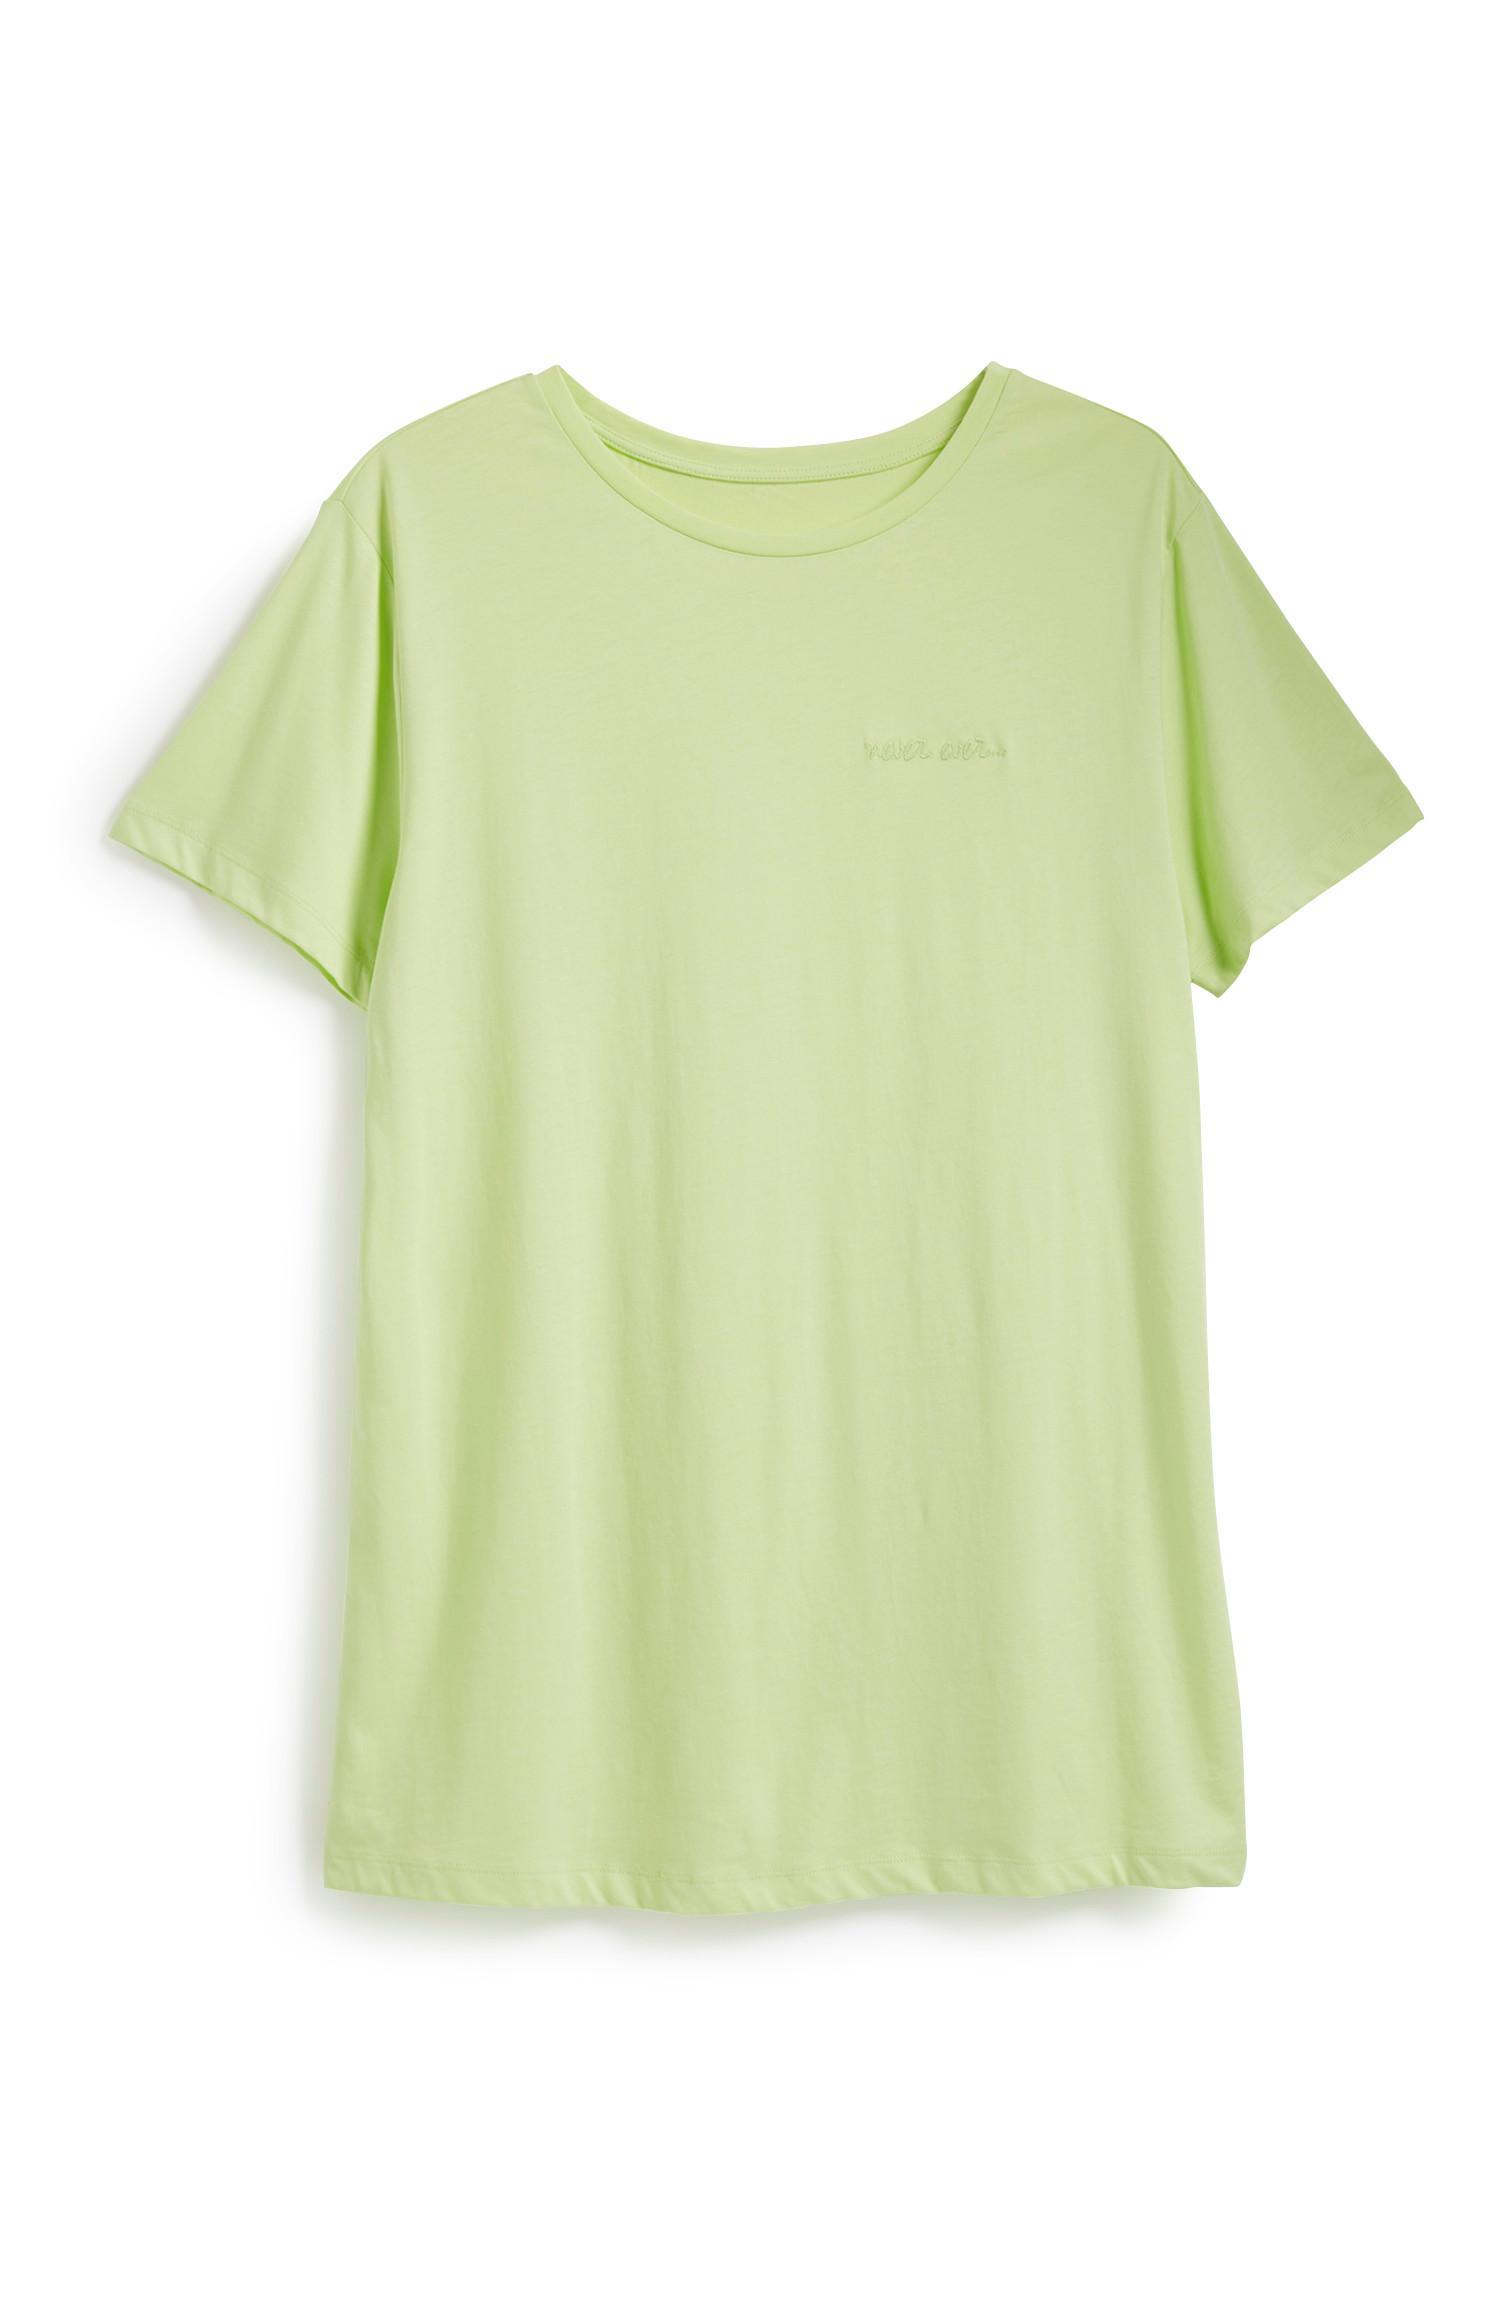 Oversized neonkleurig sweatshirt